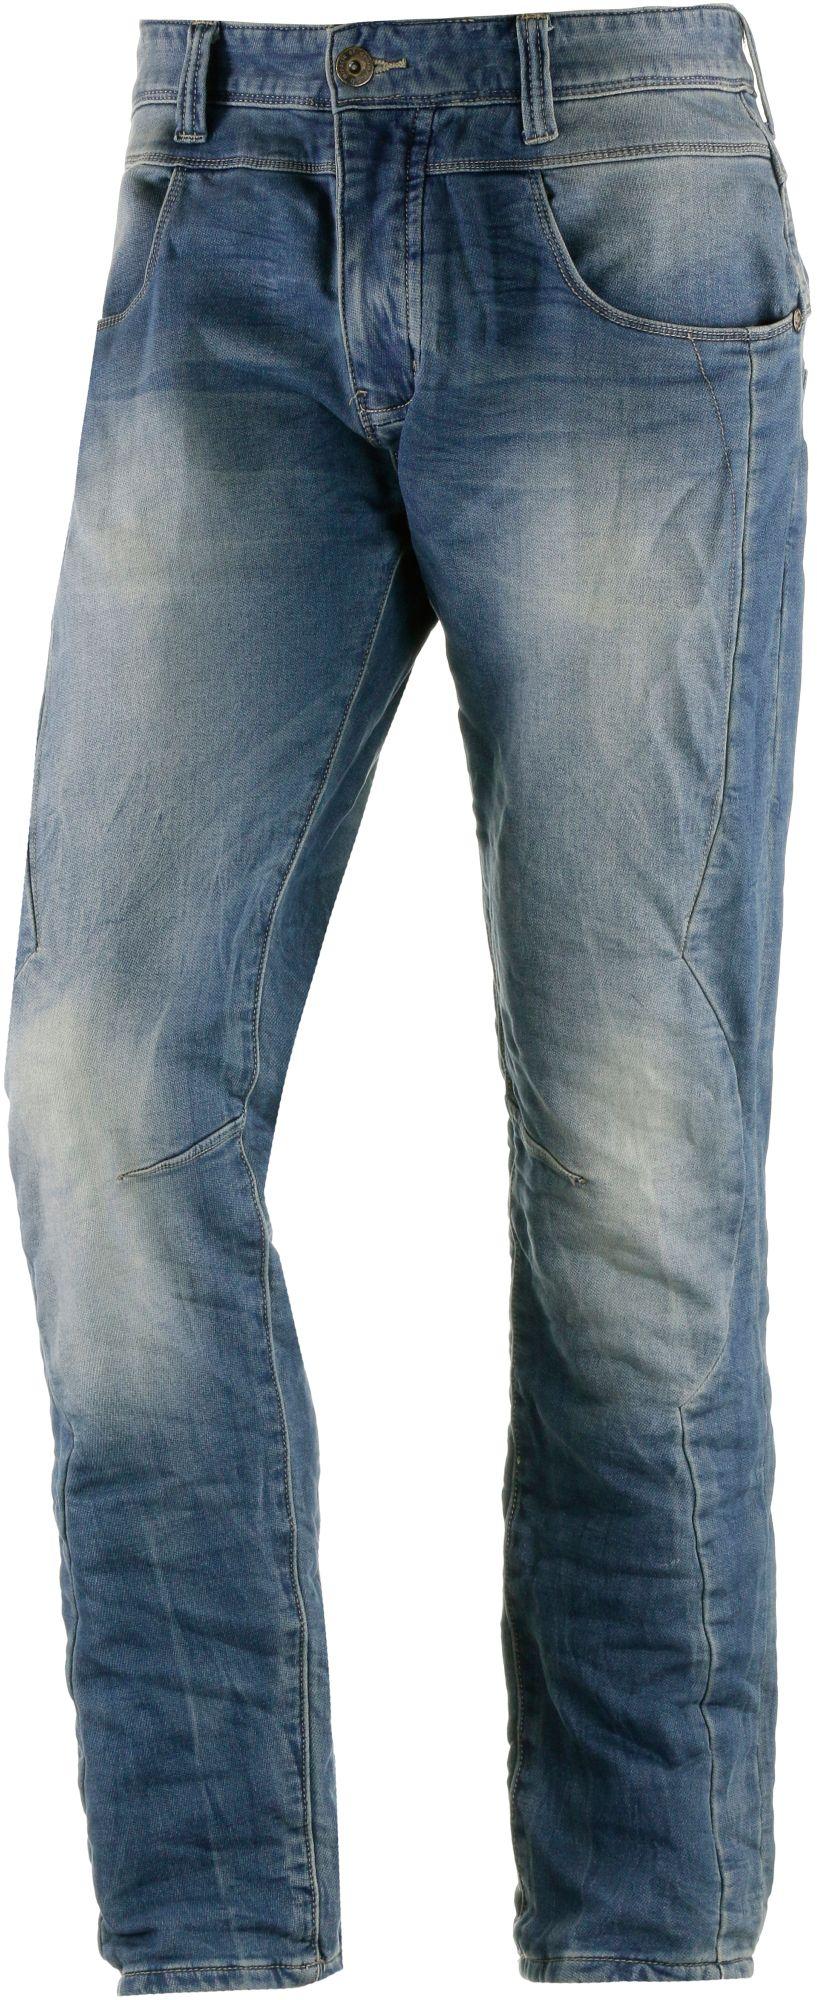 Thorsten Straight Fit Jeans Herren in blau, Größe 31 / 32